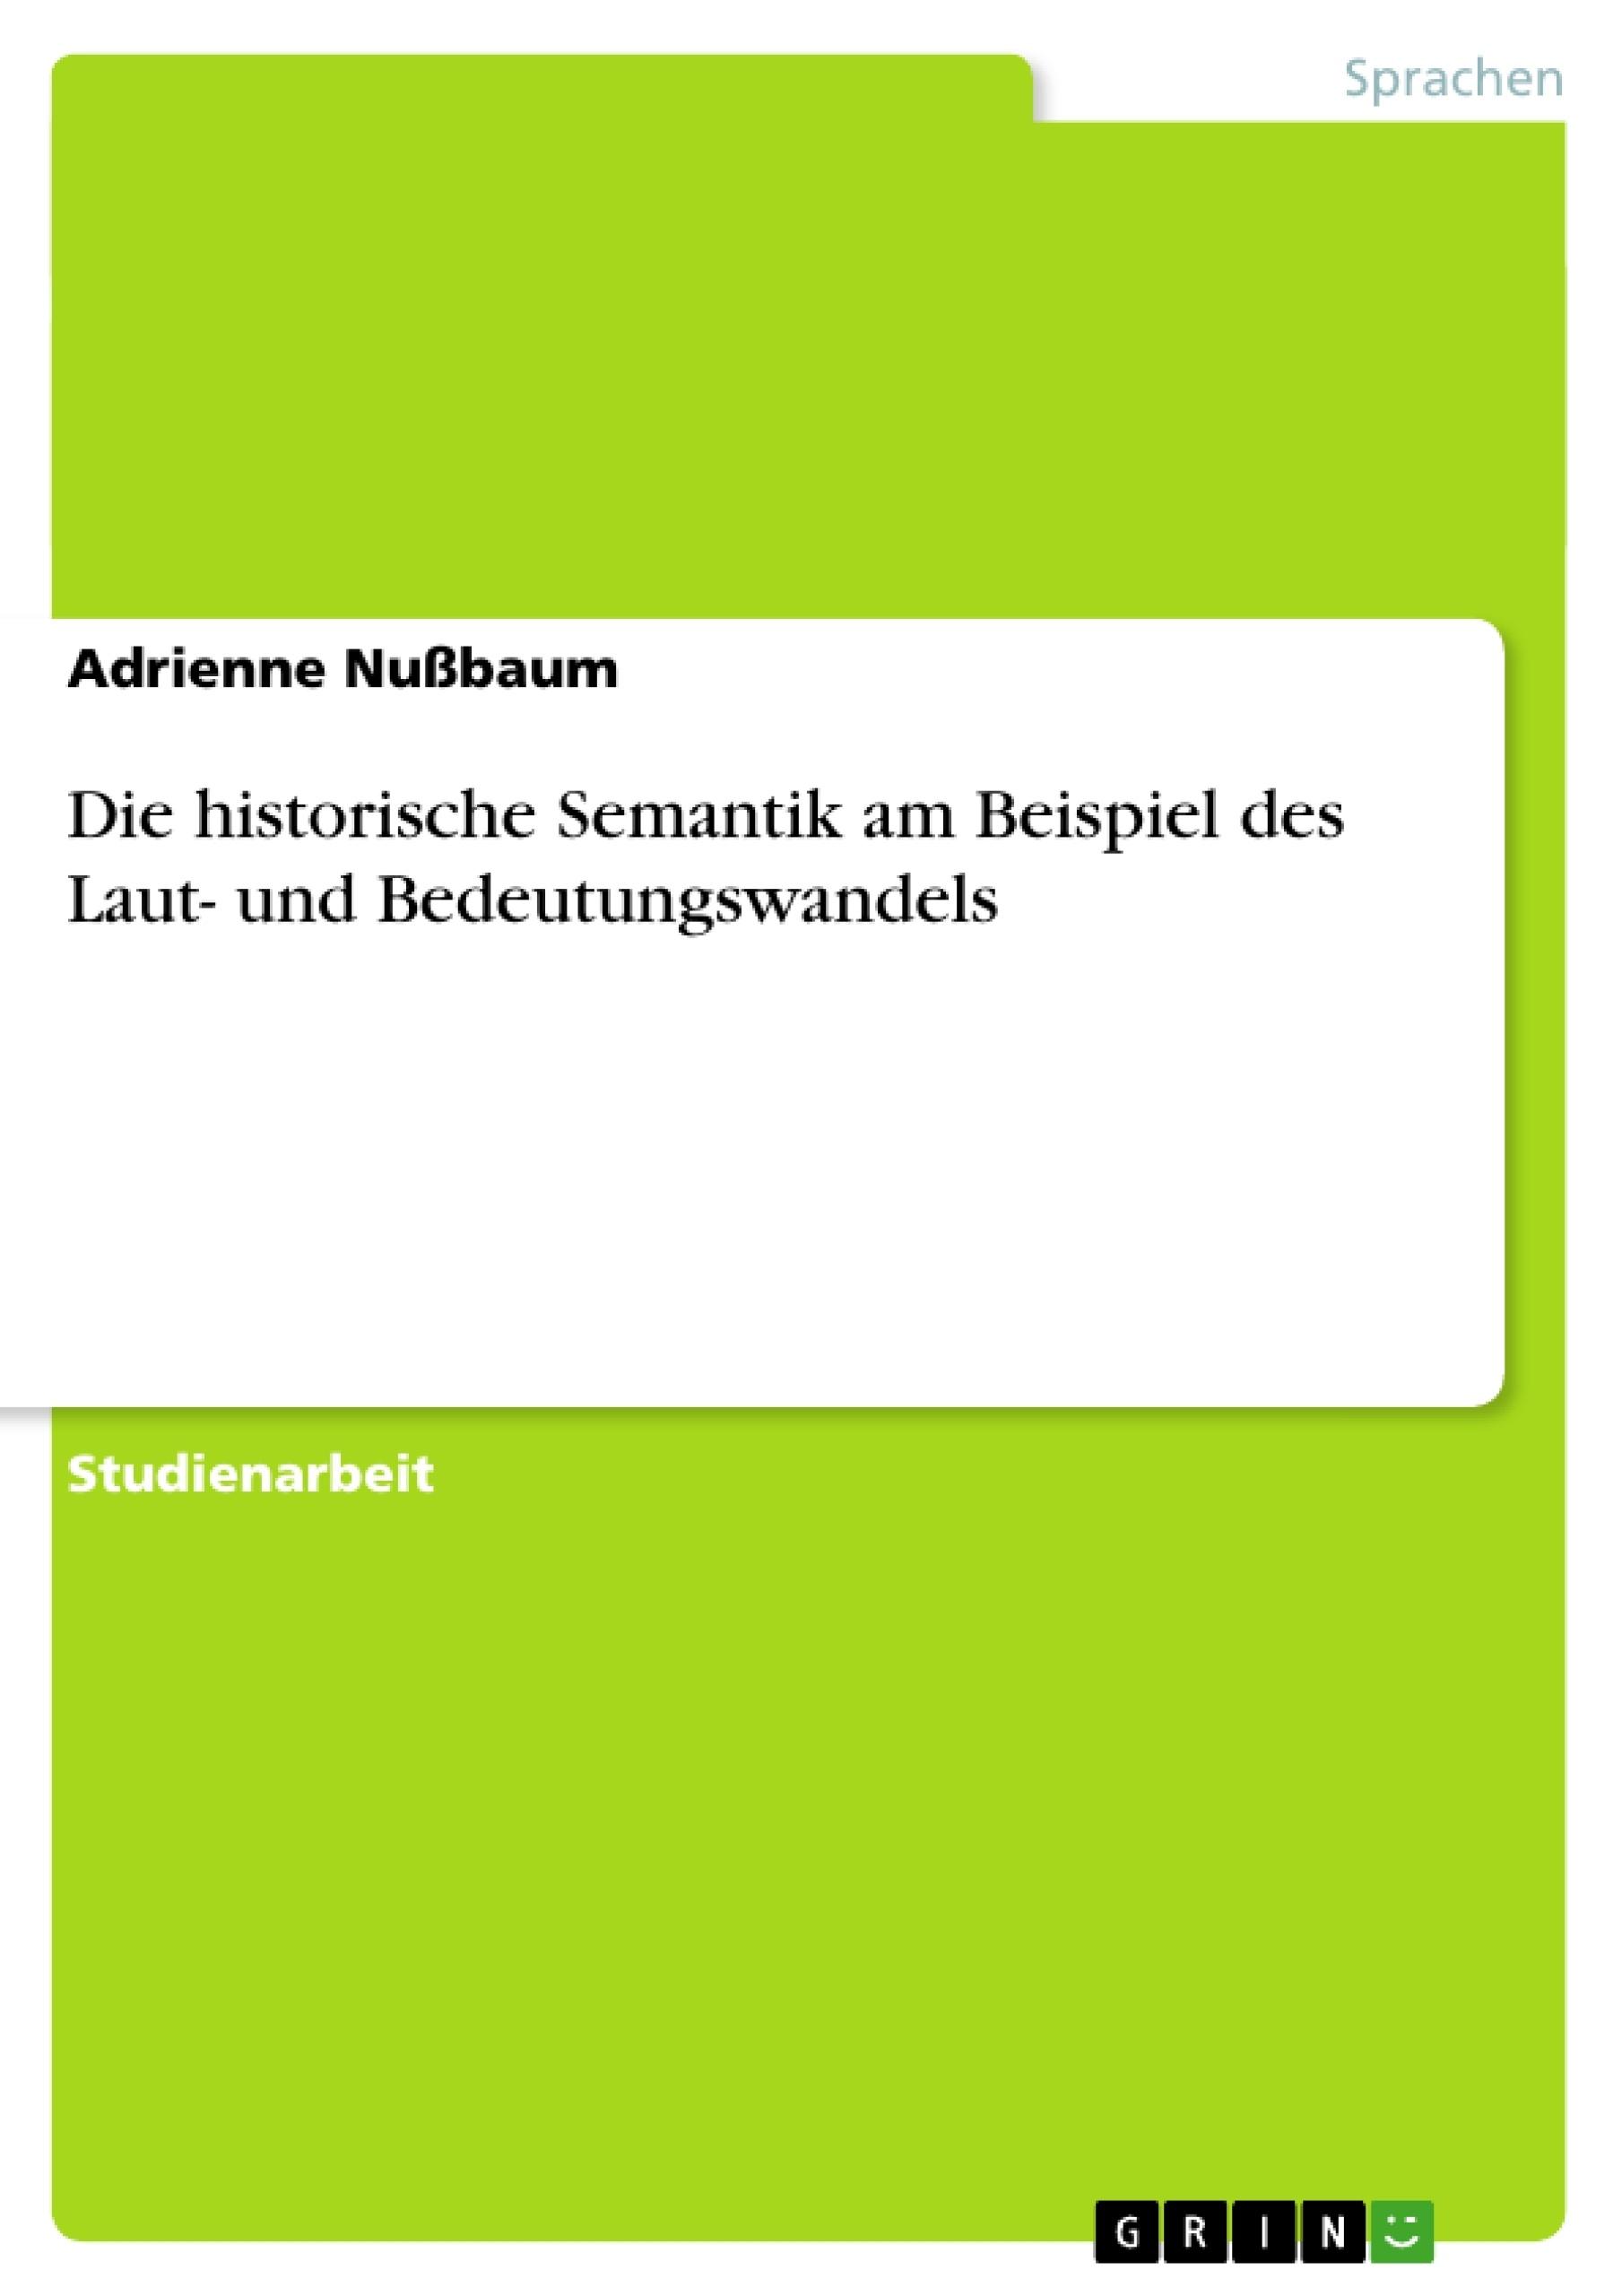 Titel: Die historische Semantik am Beispiel des Laut- und Bedeutungswandels